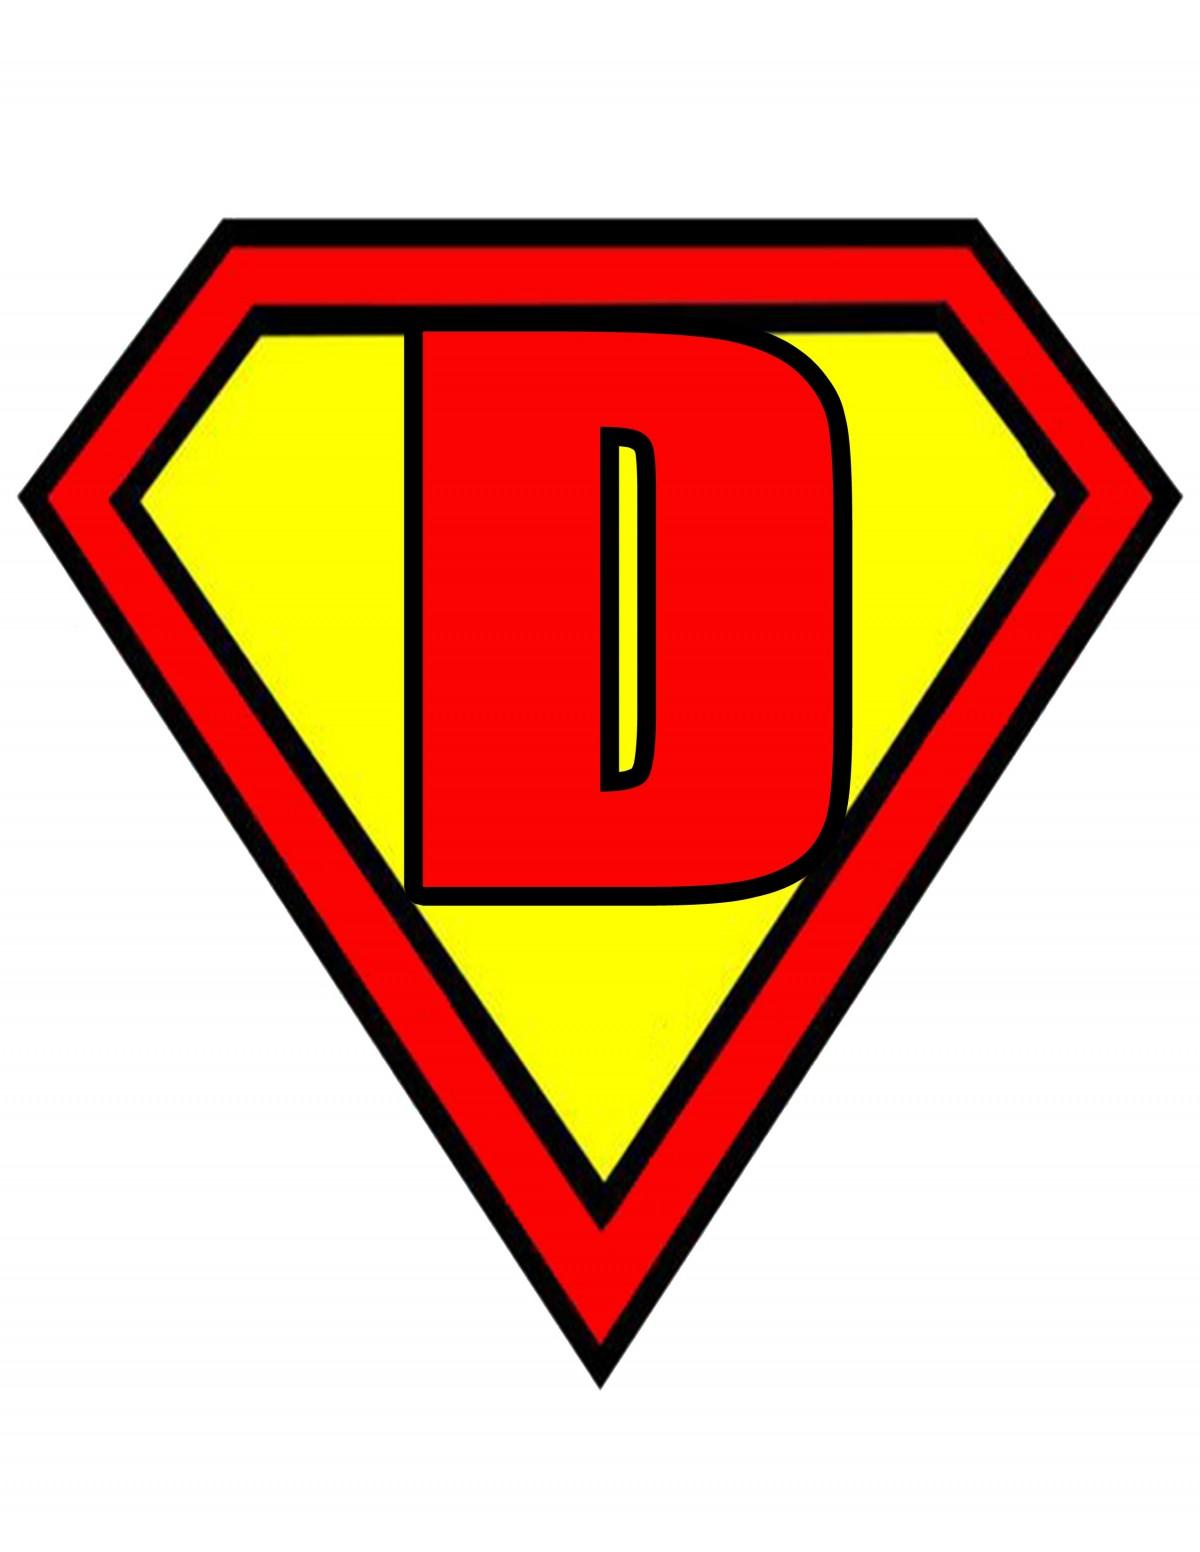 décoration ligne rouge lettre jaune Police de caractère Triangle logo Drapeaux style ré forme Superman clipart